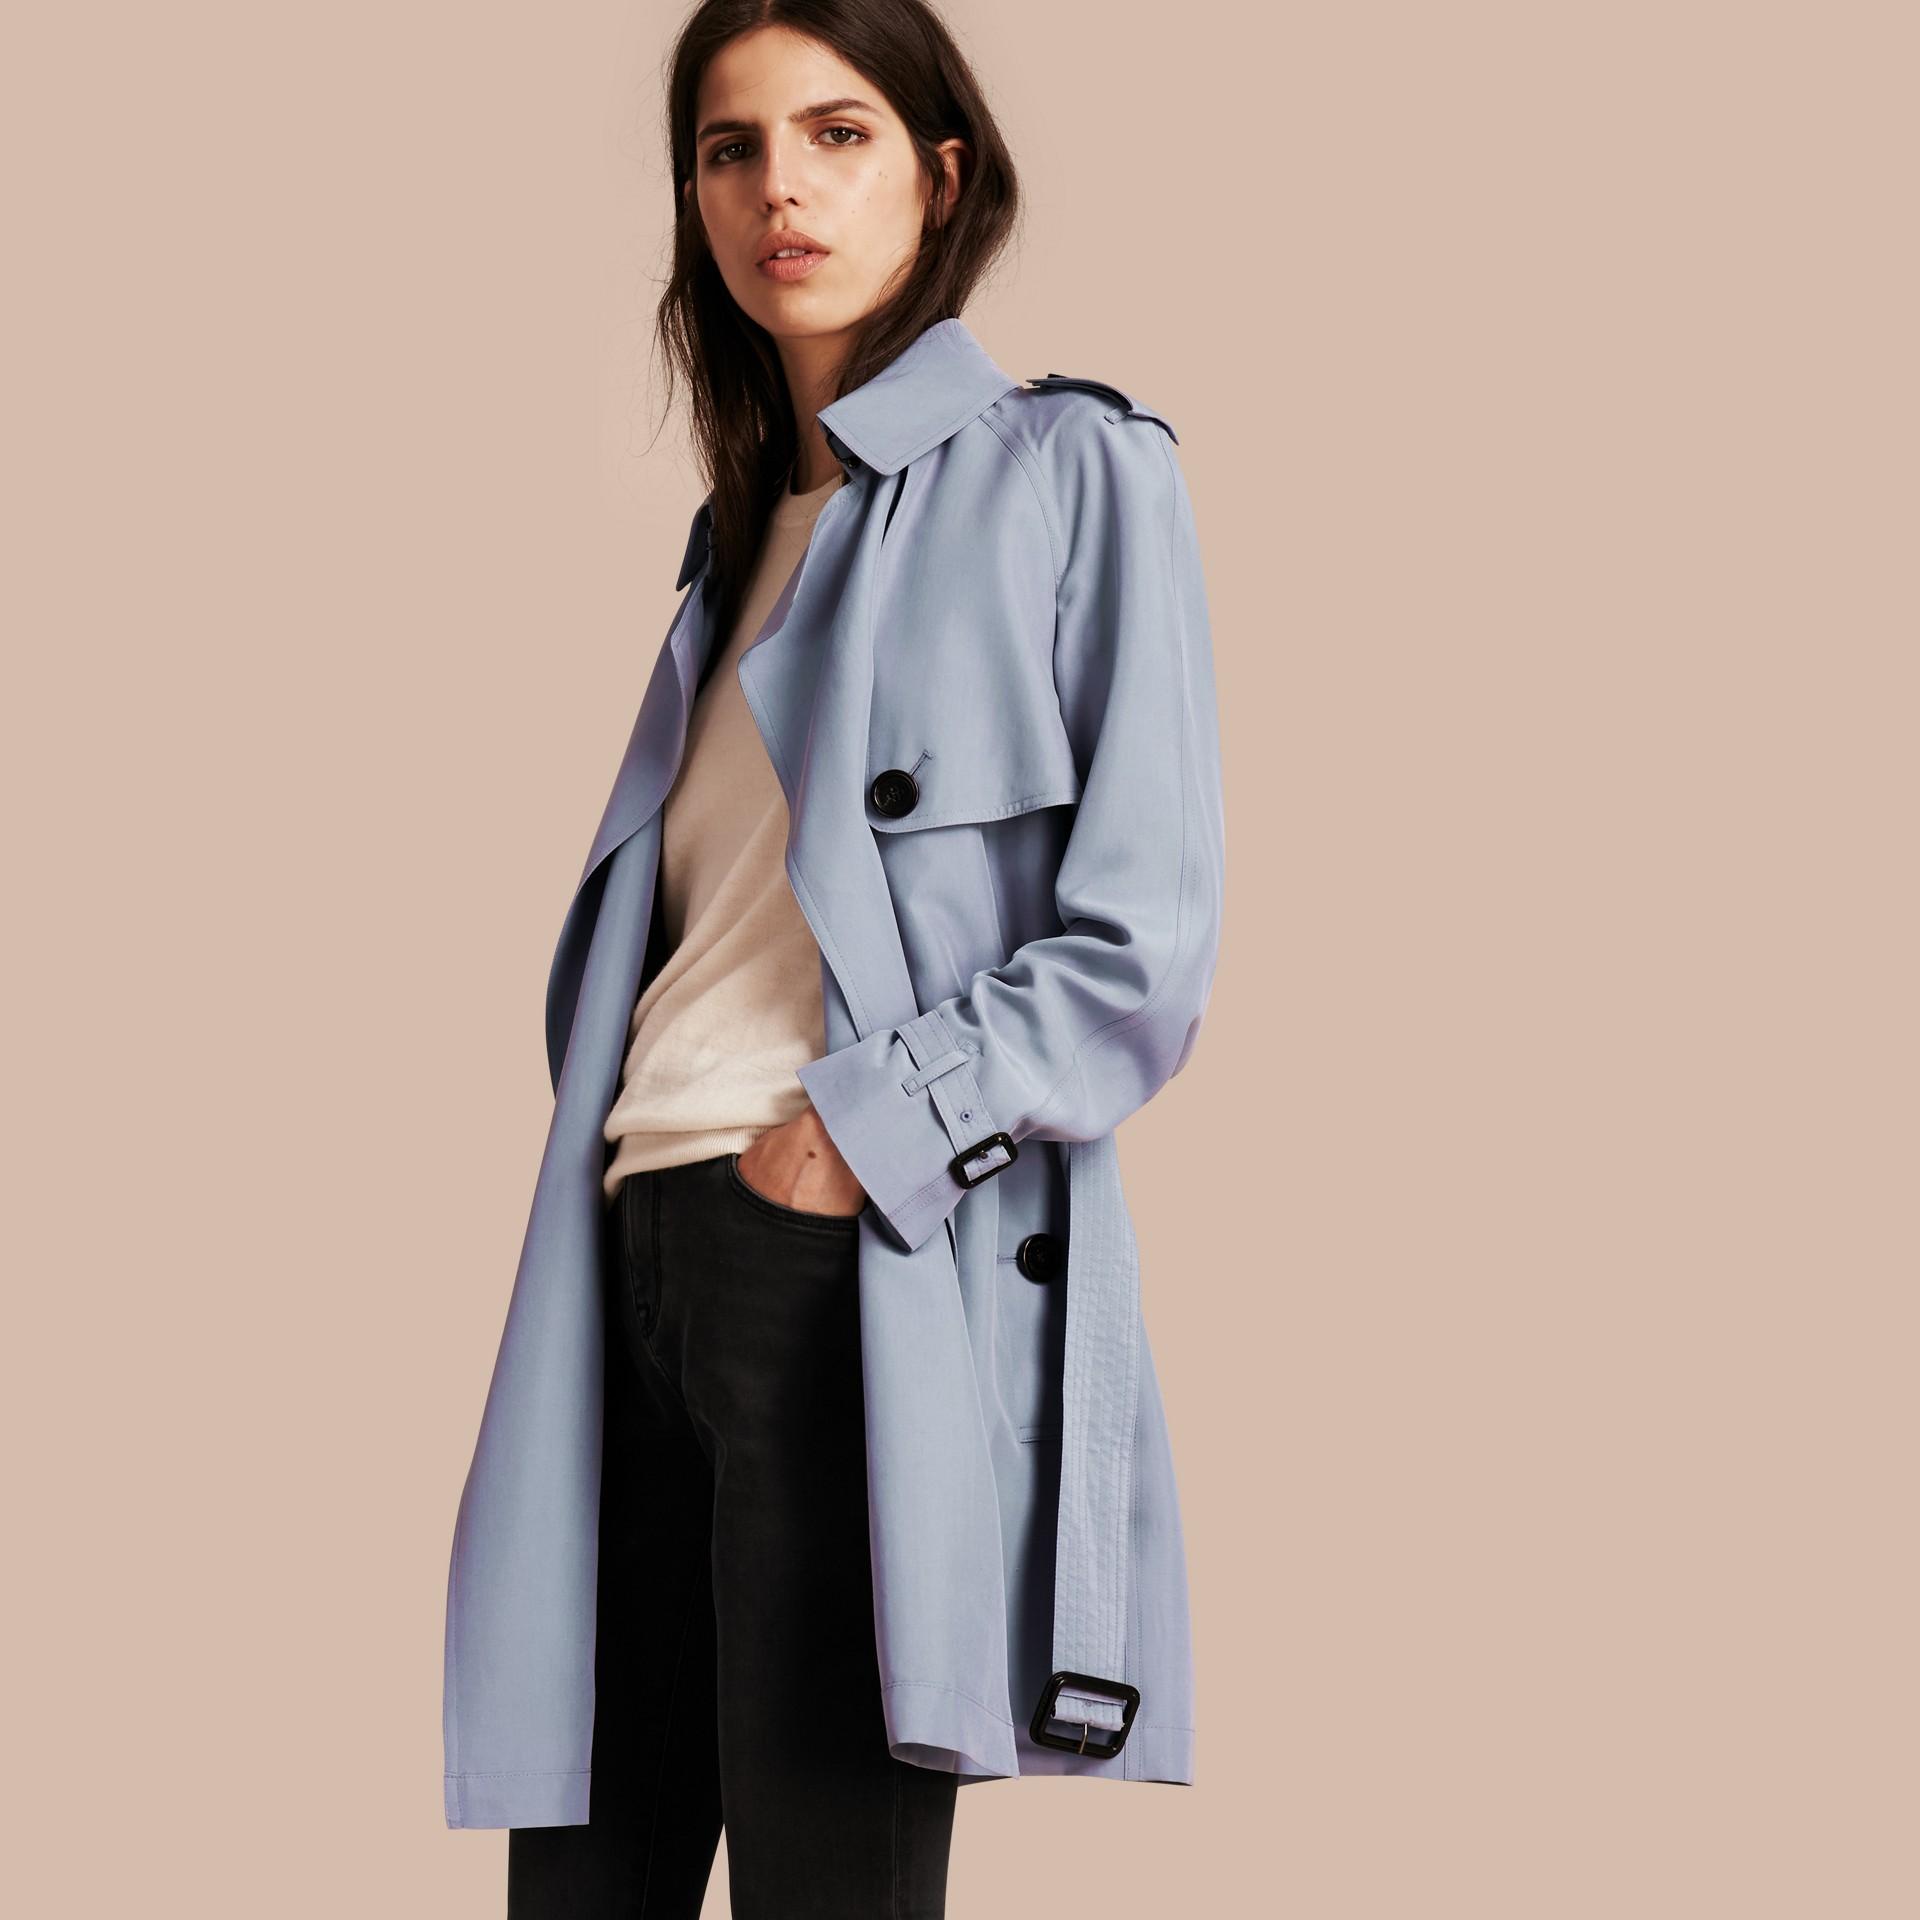 Bleu pâle Trench-coat portefeuille léger en soie flammée - photo de la galerie 1